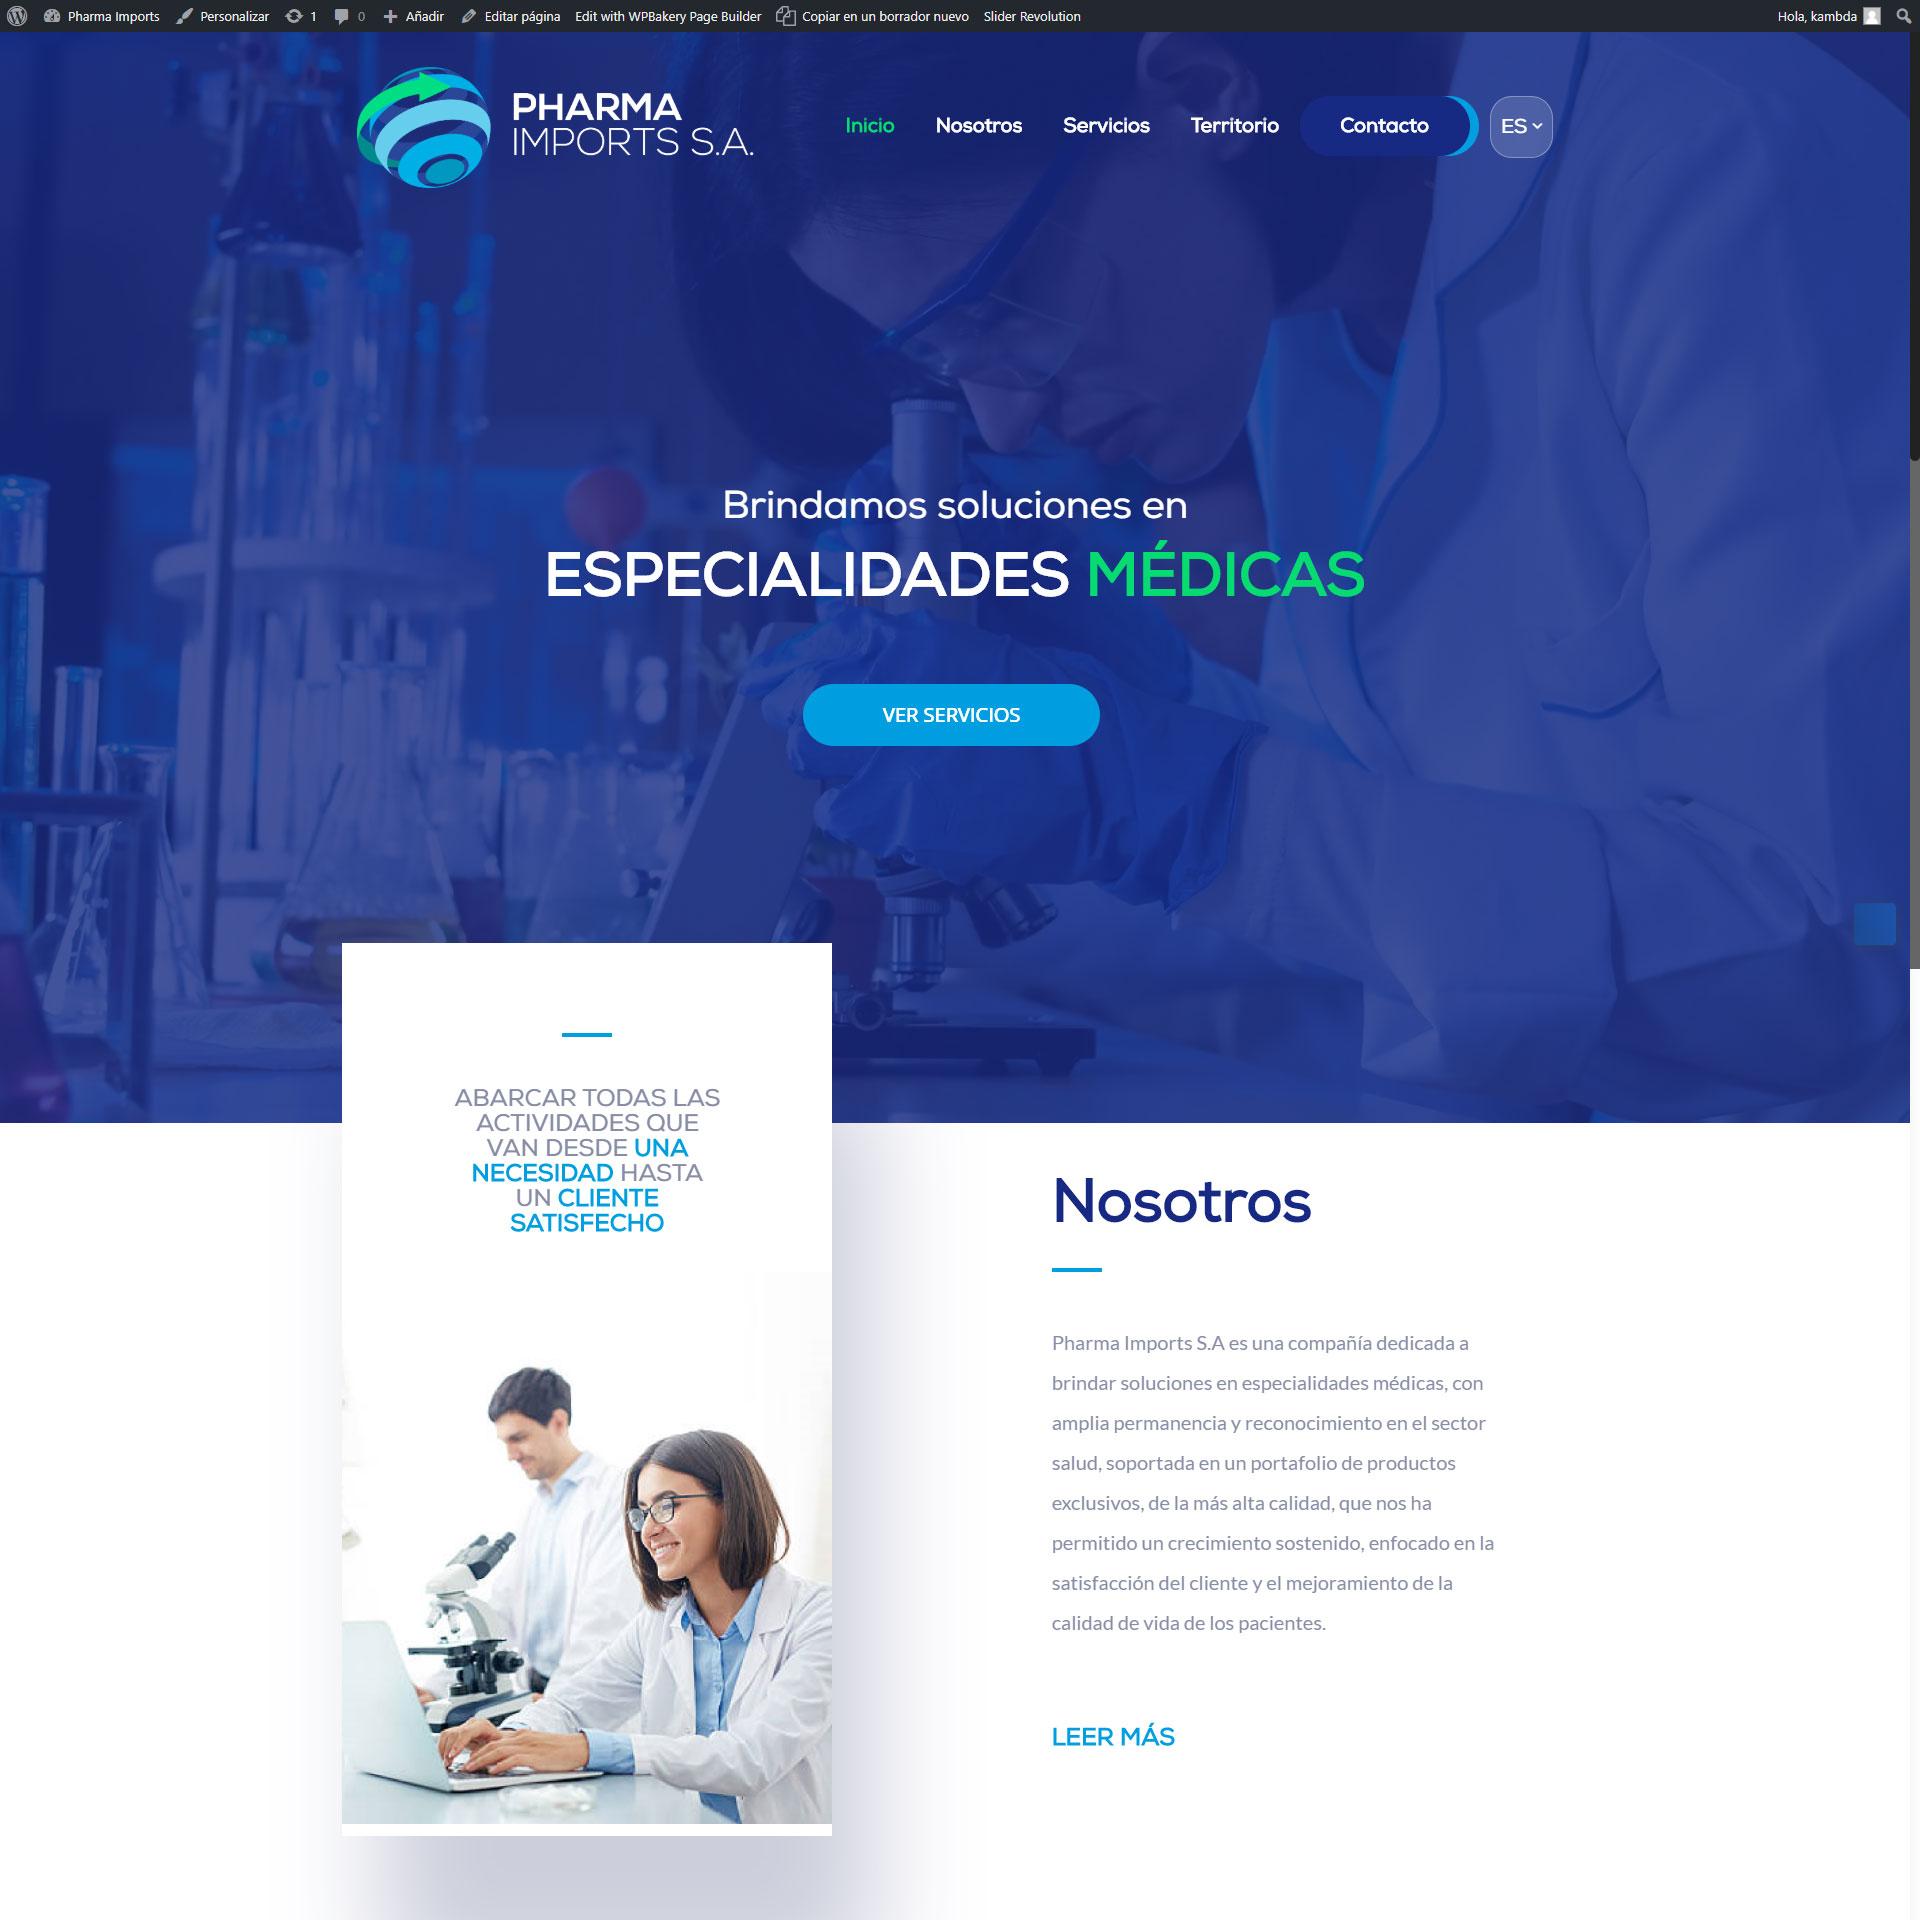 PharmaImports